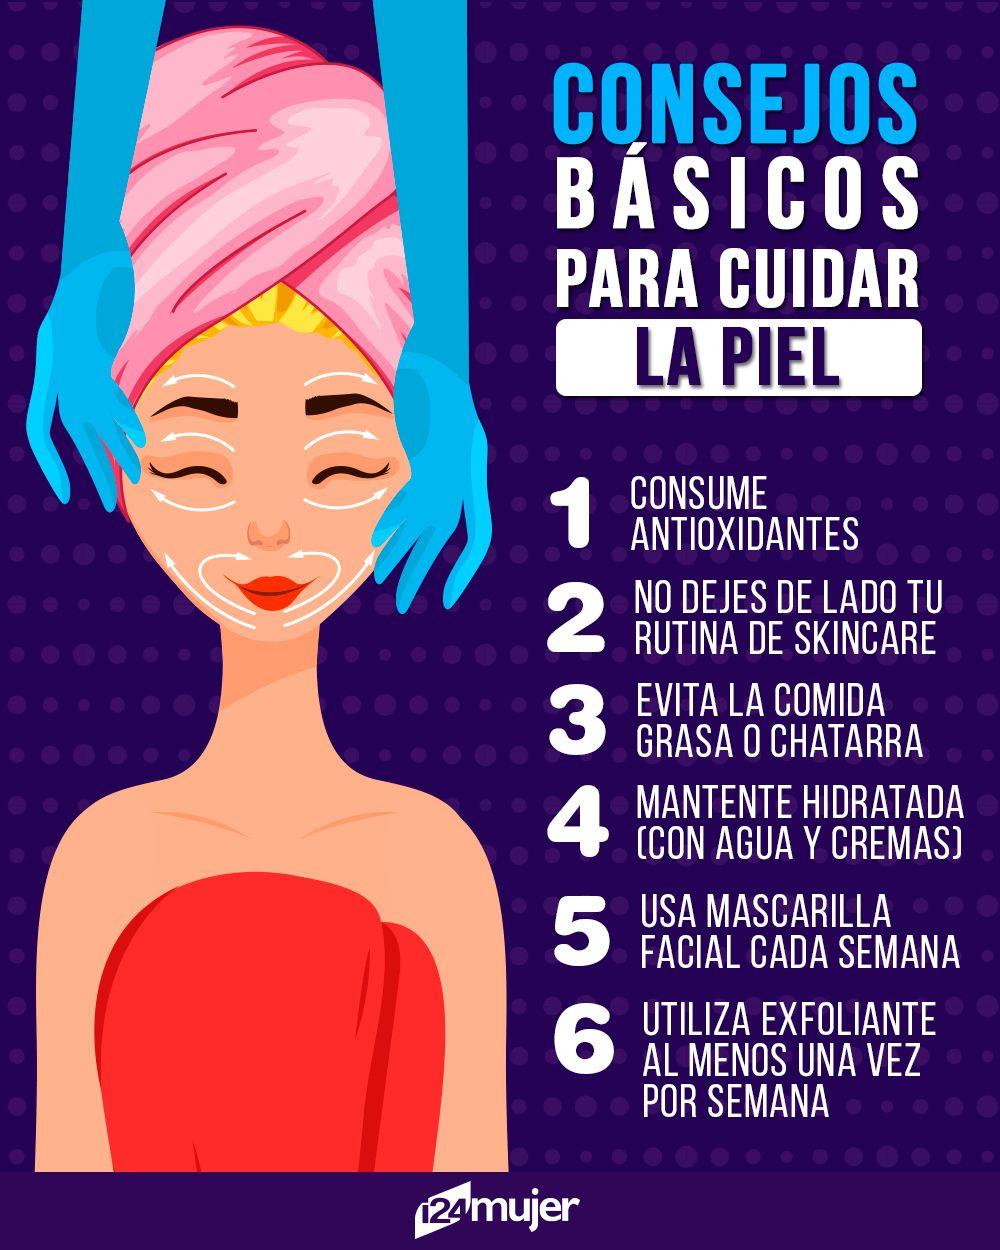 35+ Consejos para cuidar la cara de una mujer trends